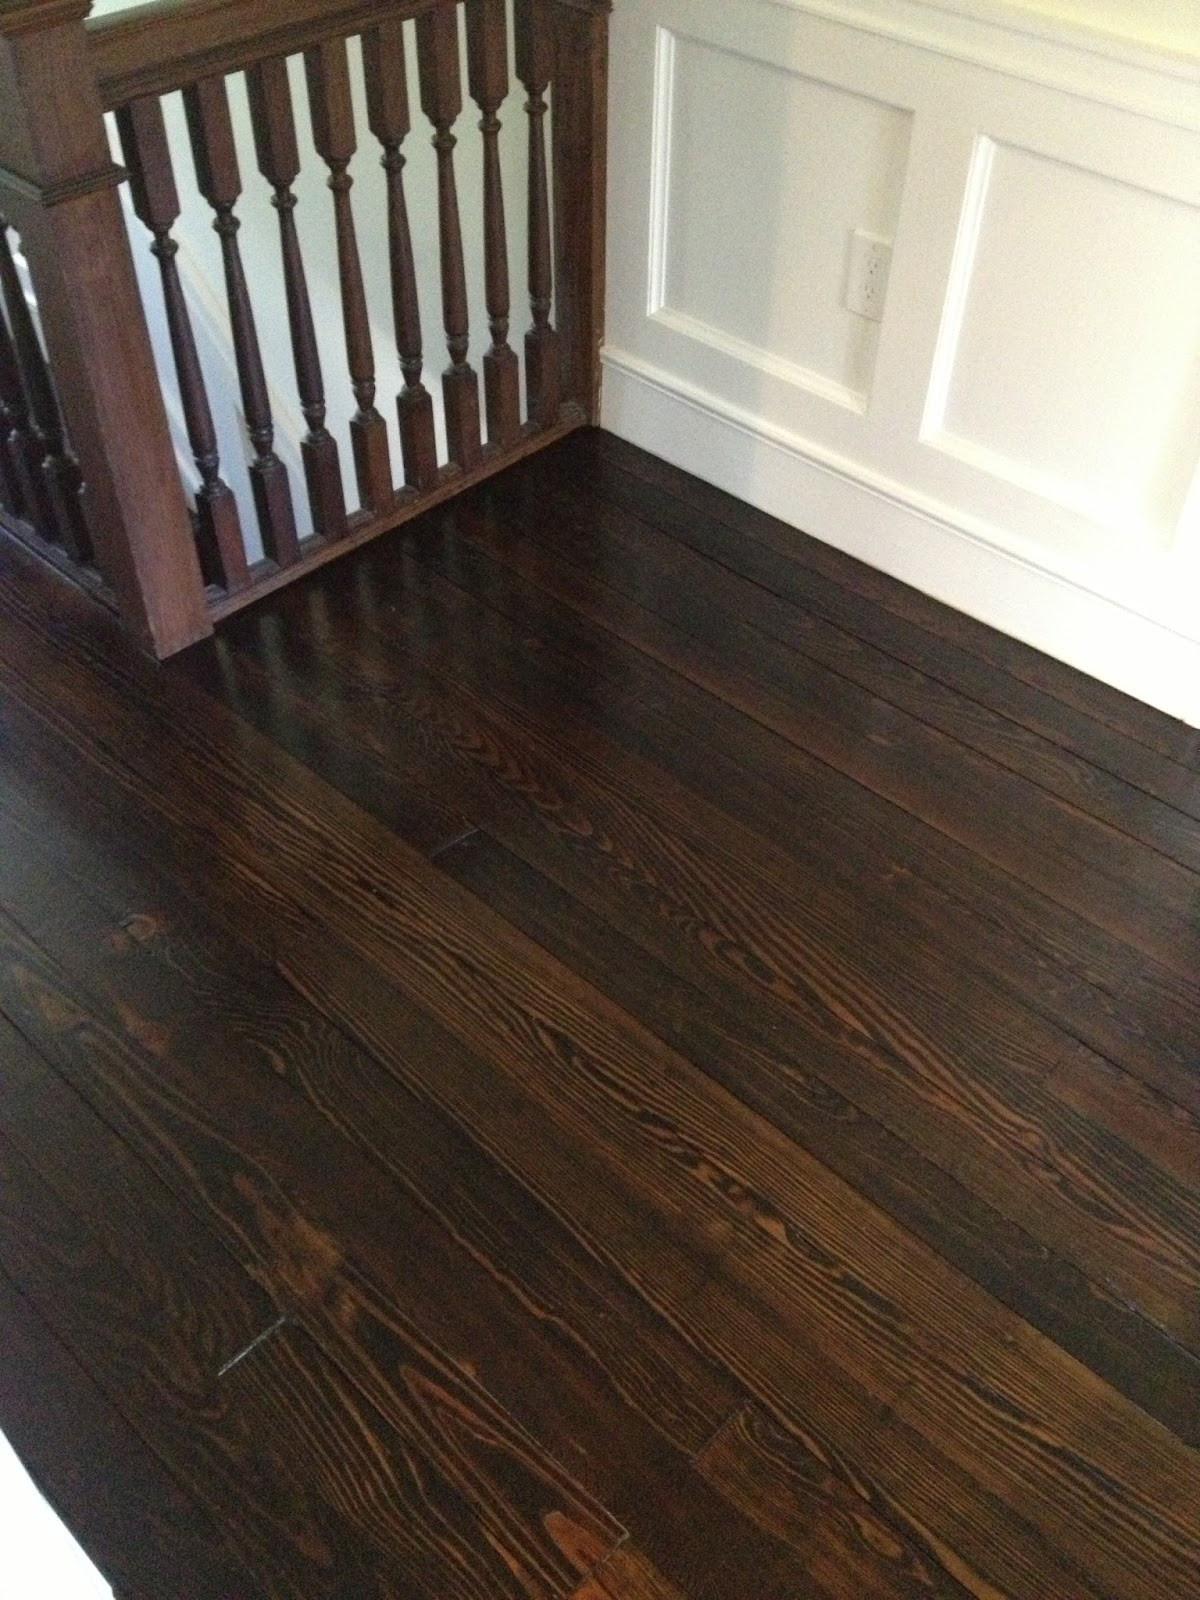 Hardwood Floor Refinishing Nashville Of Wood Floor Jacobean Wood Floor Stain Regarding Images Of Jacobean Wood Floor Stain